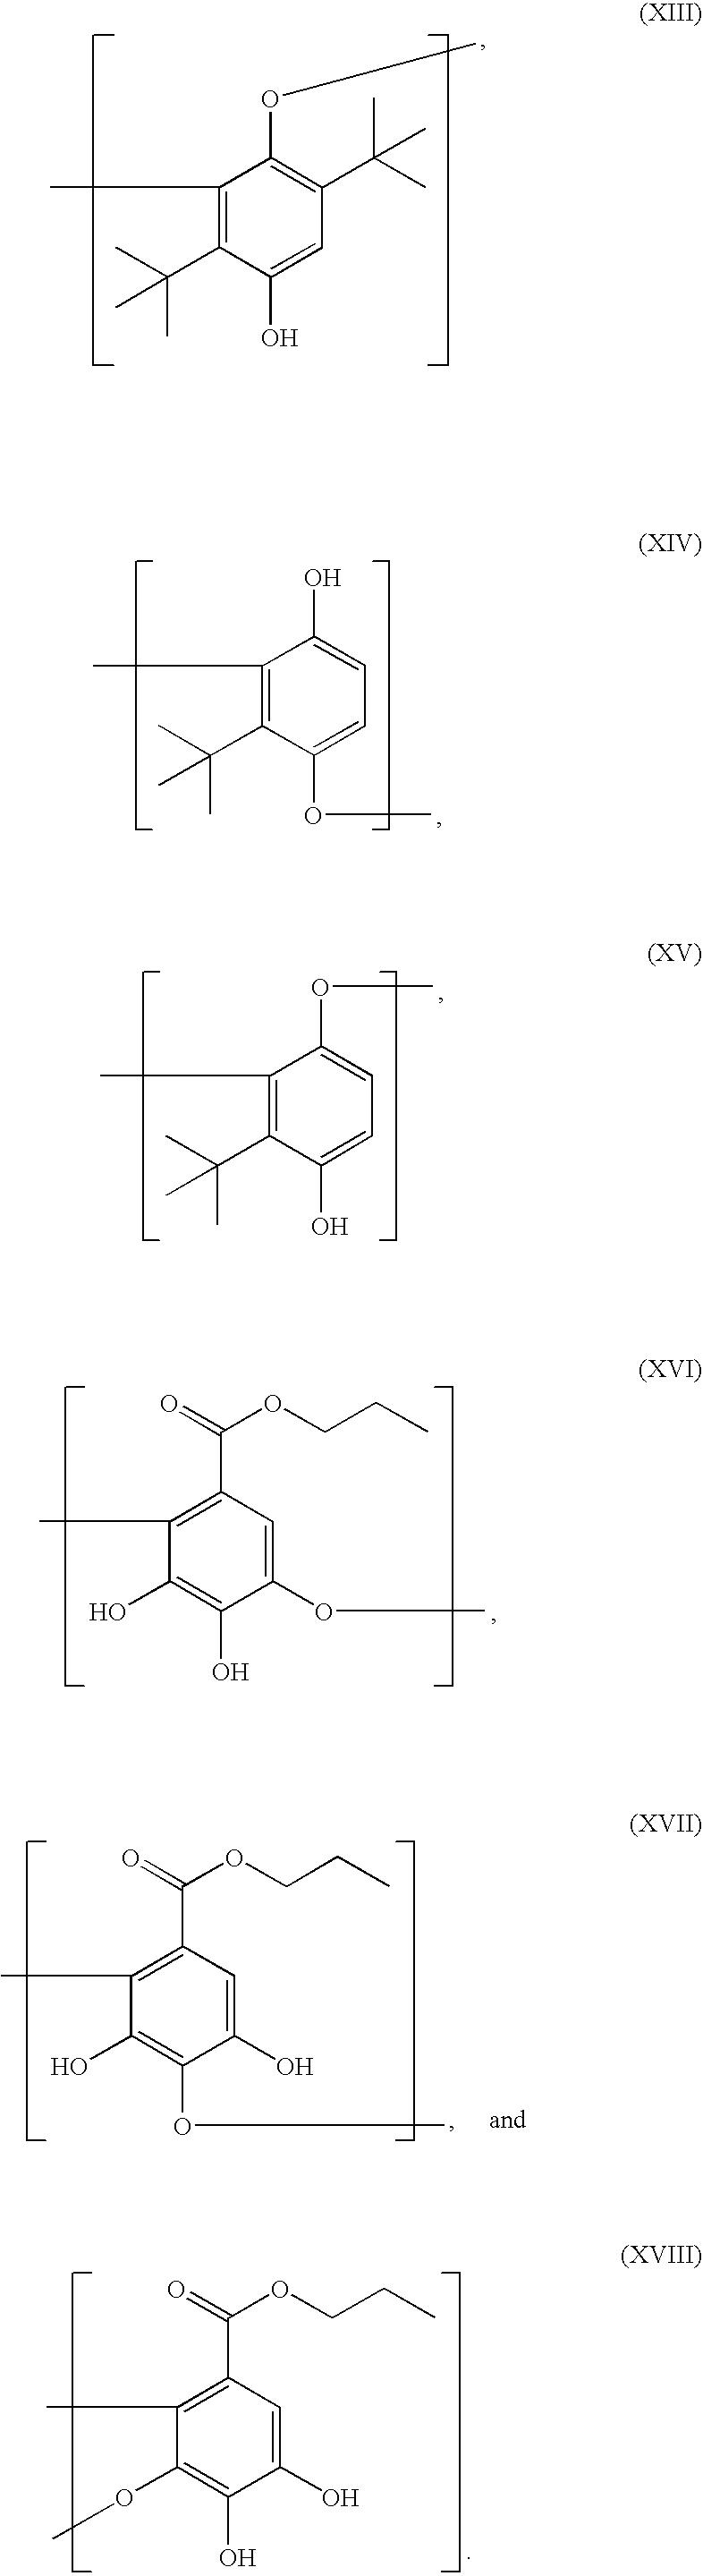 Figure US20030230743A1-20031218-C00031